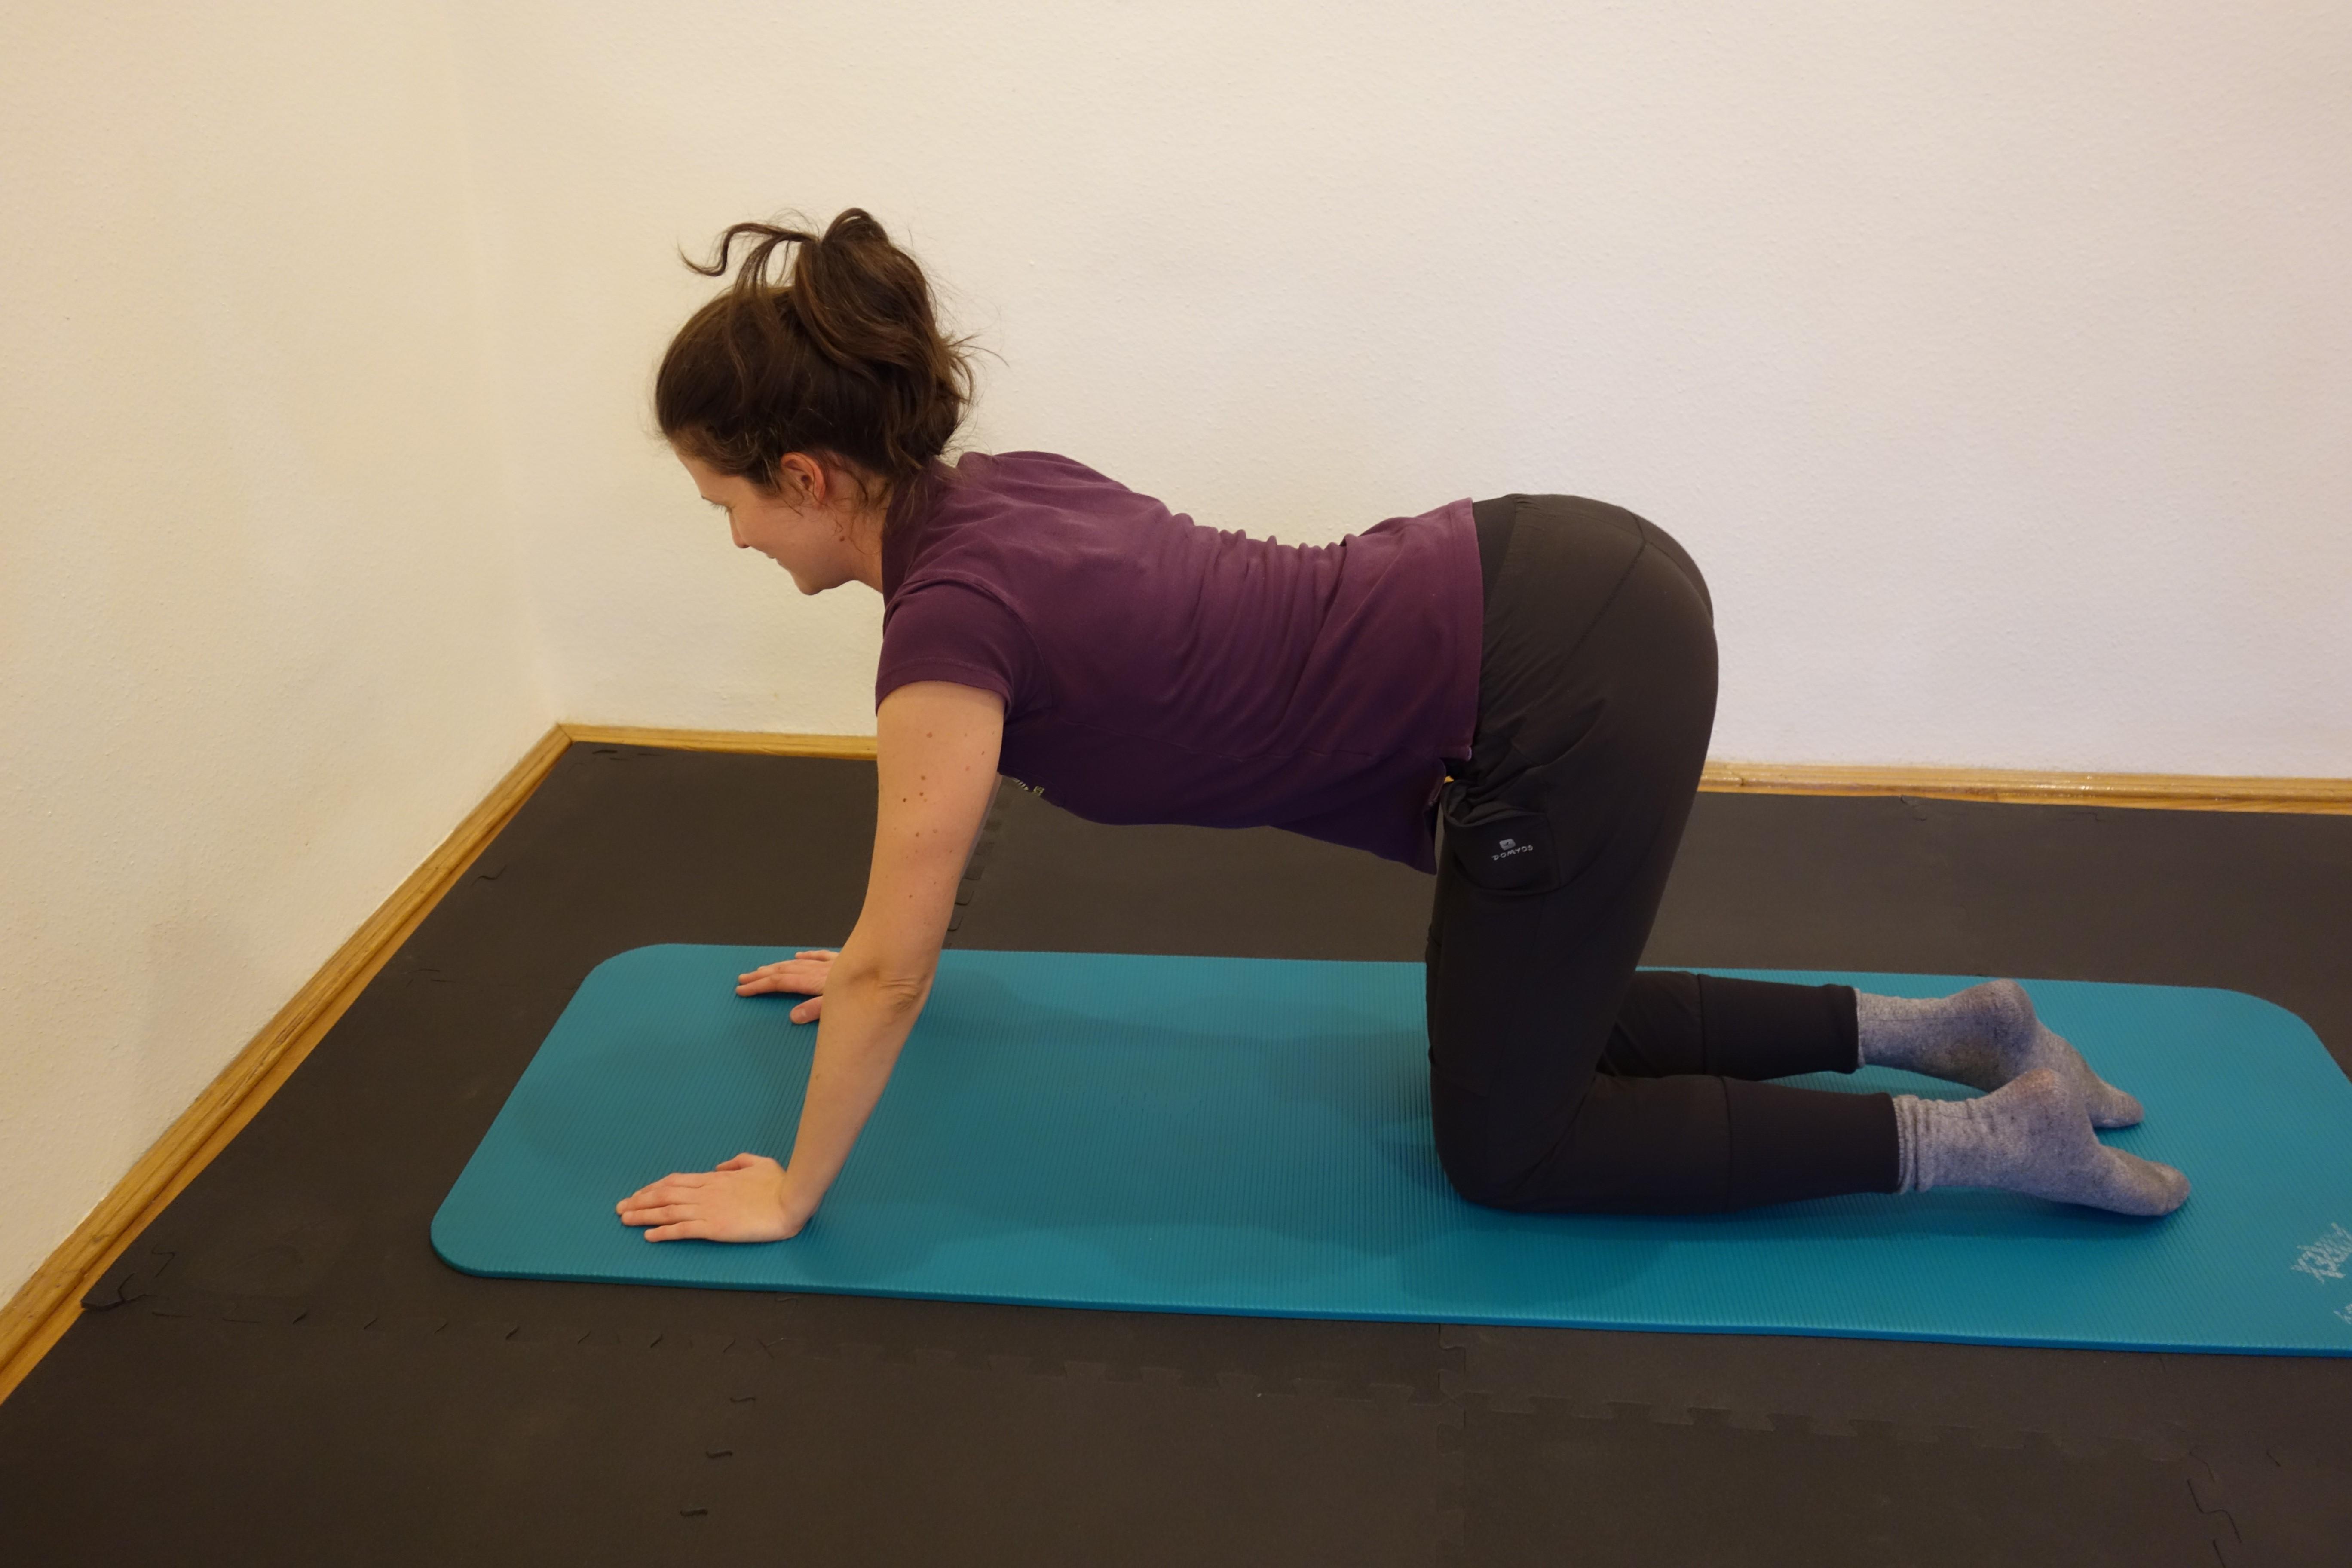 Jógával a derékfájás ellen - Jóga SoS   Yoga videos, Massage techniques, Cardio workout